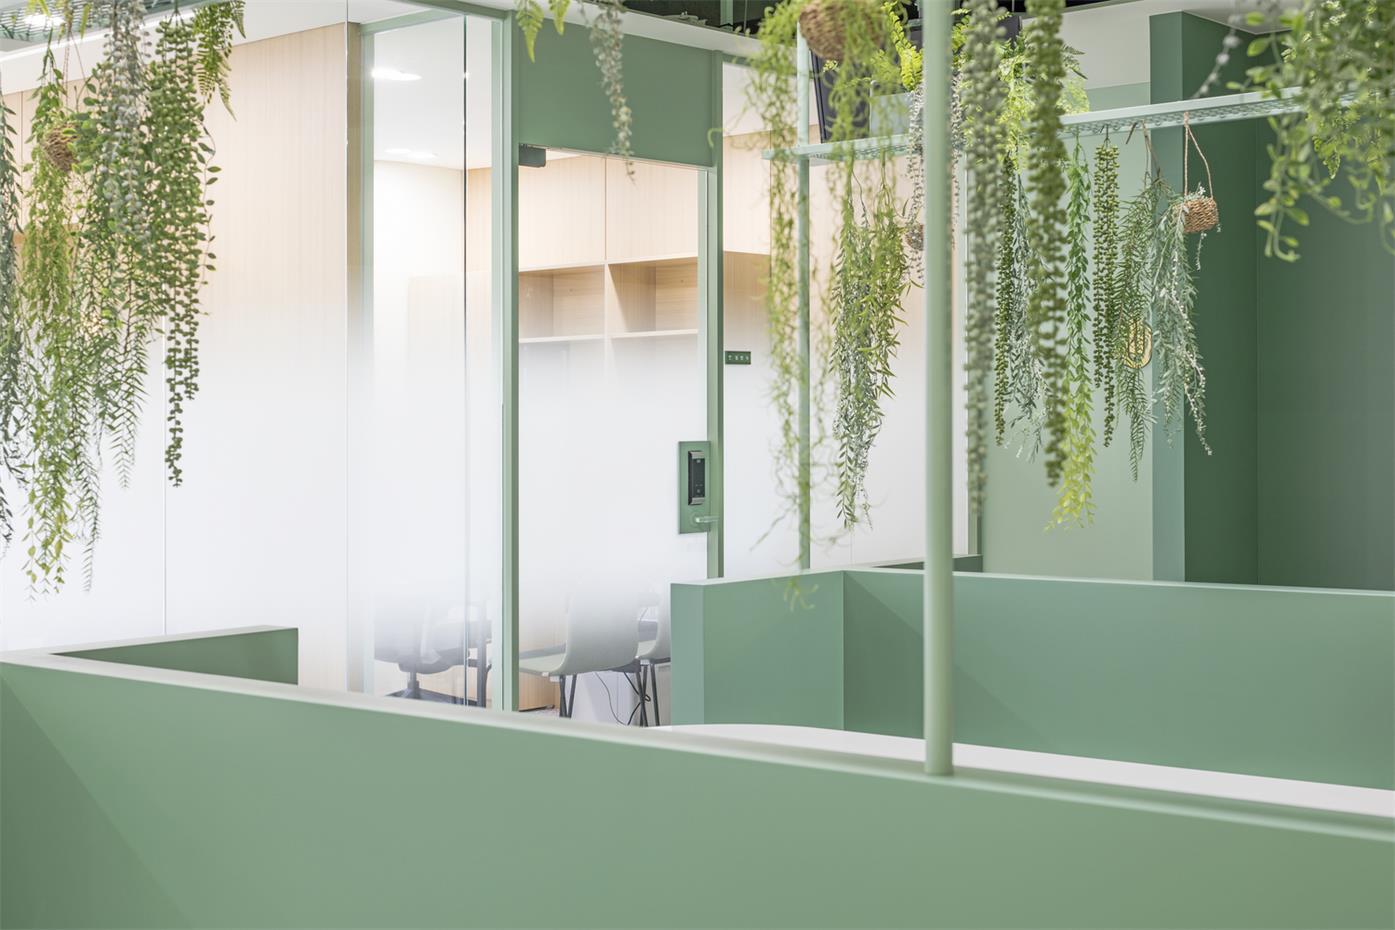 办公室卡座绿色矮墙设计